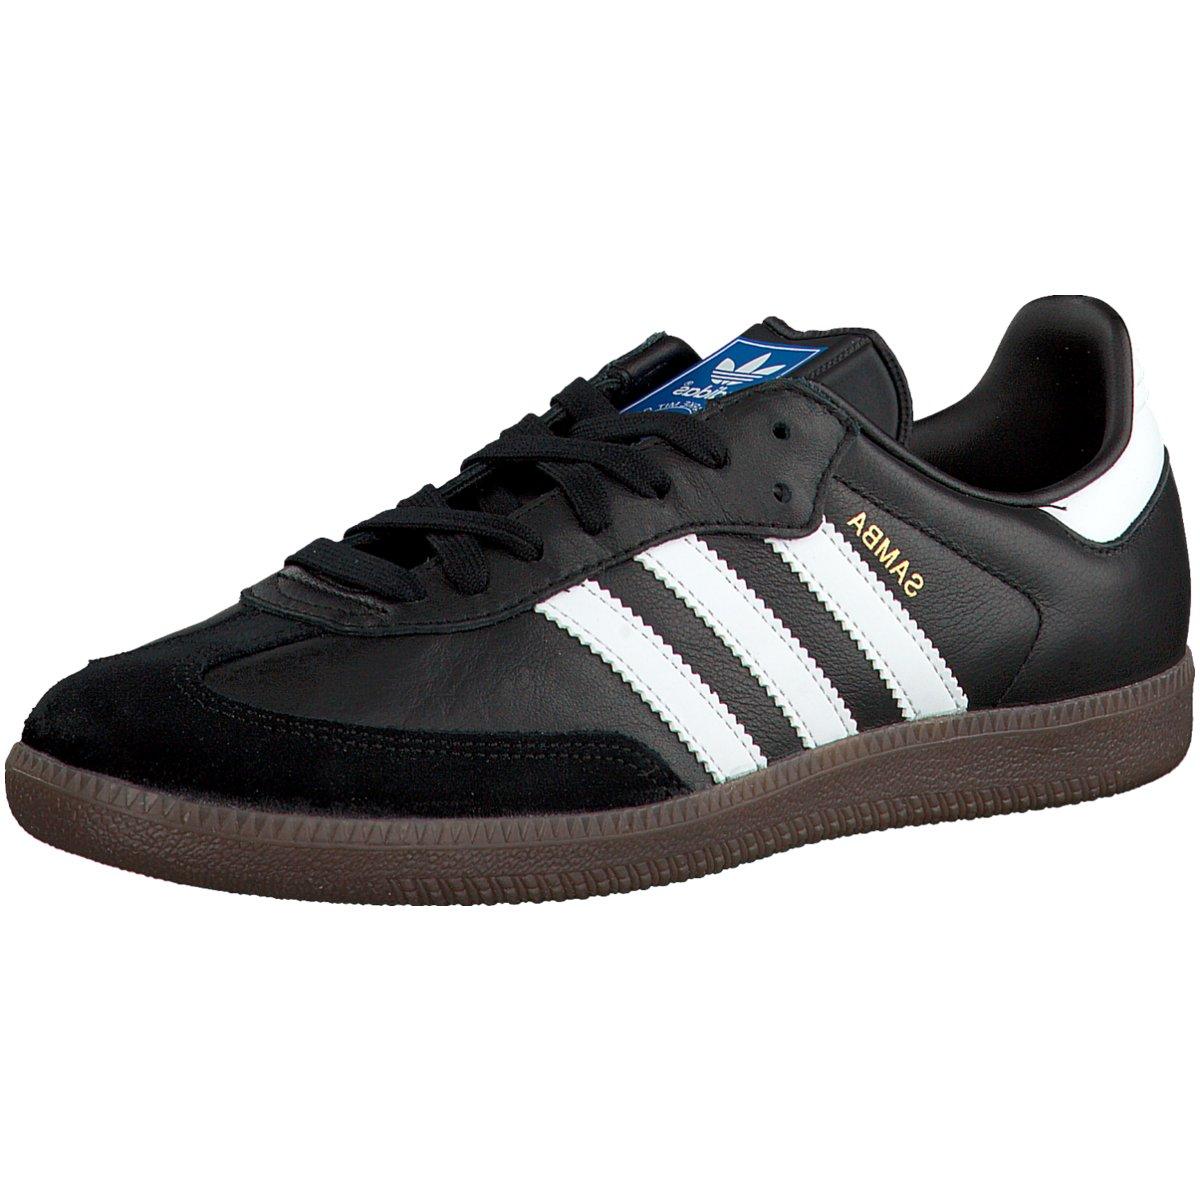 NEU adidas Herren Sneaker Samba OG Sneaker Herren Schuhe schwarz weiß BZ0058